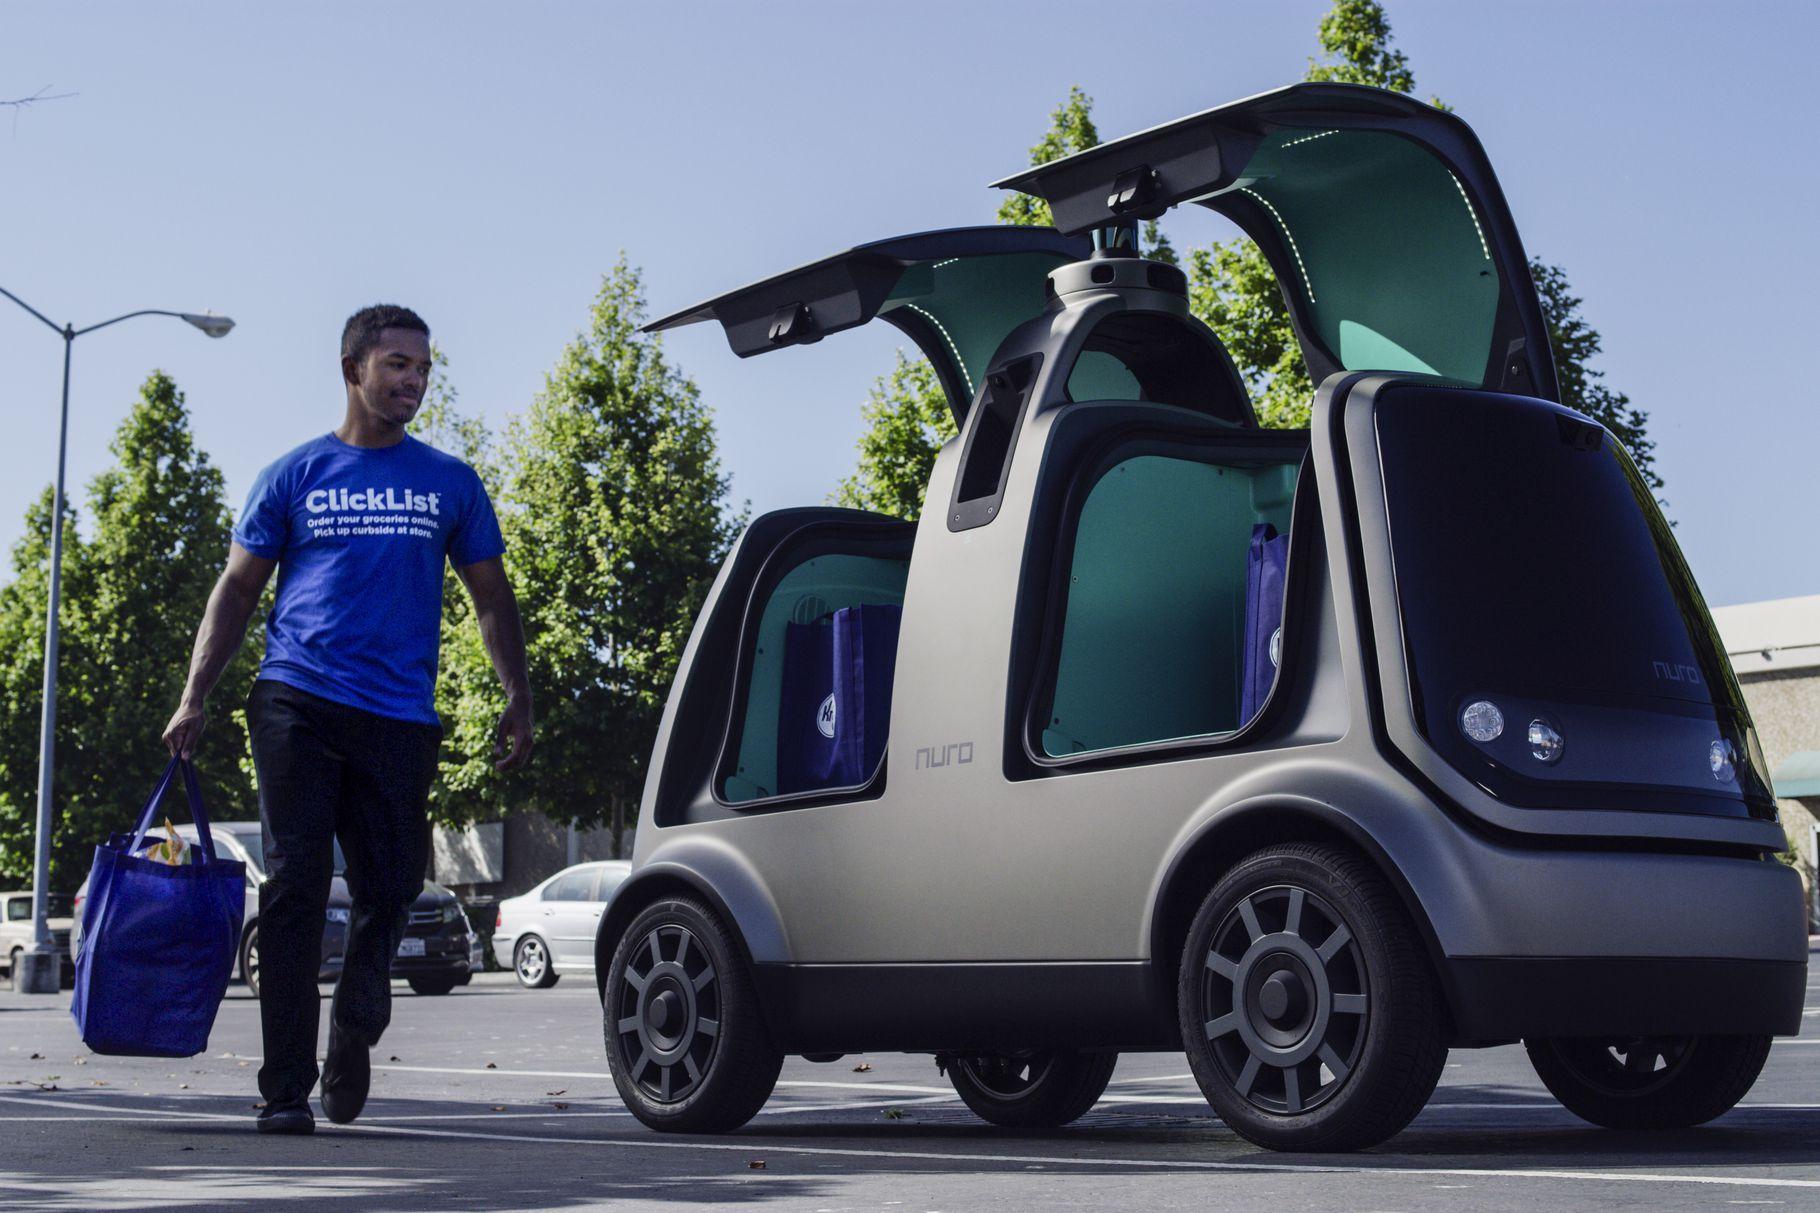 Startup Nuro prezentuje raport bezpieczeństwa dotyczący autonomicznego pojazdu dostawczego Nuro R1 14